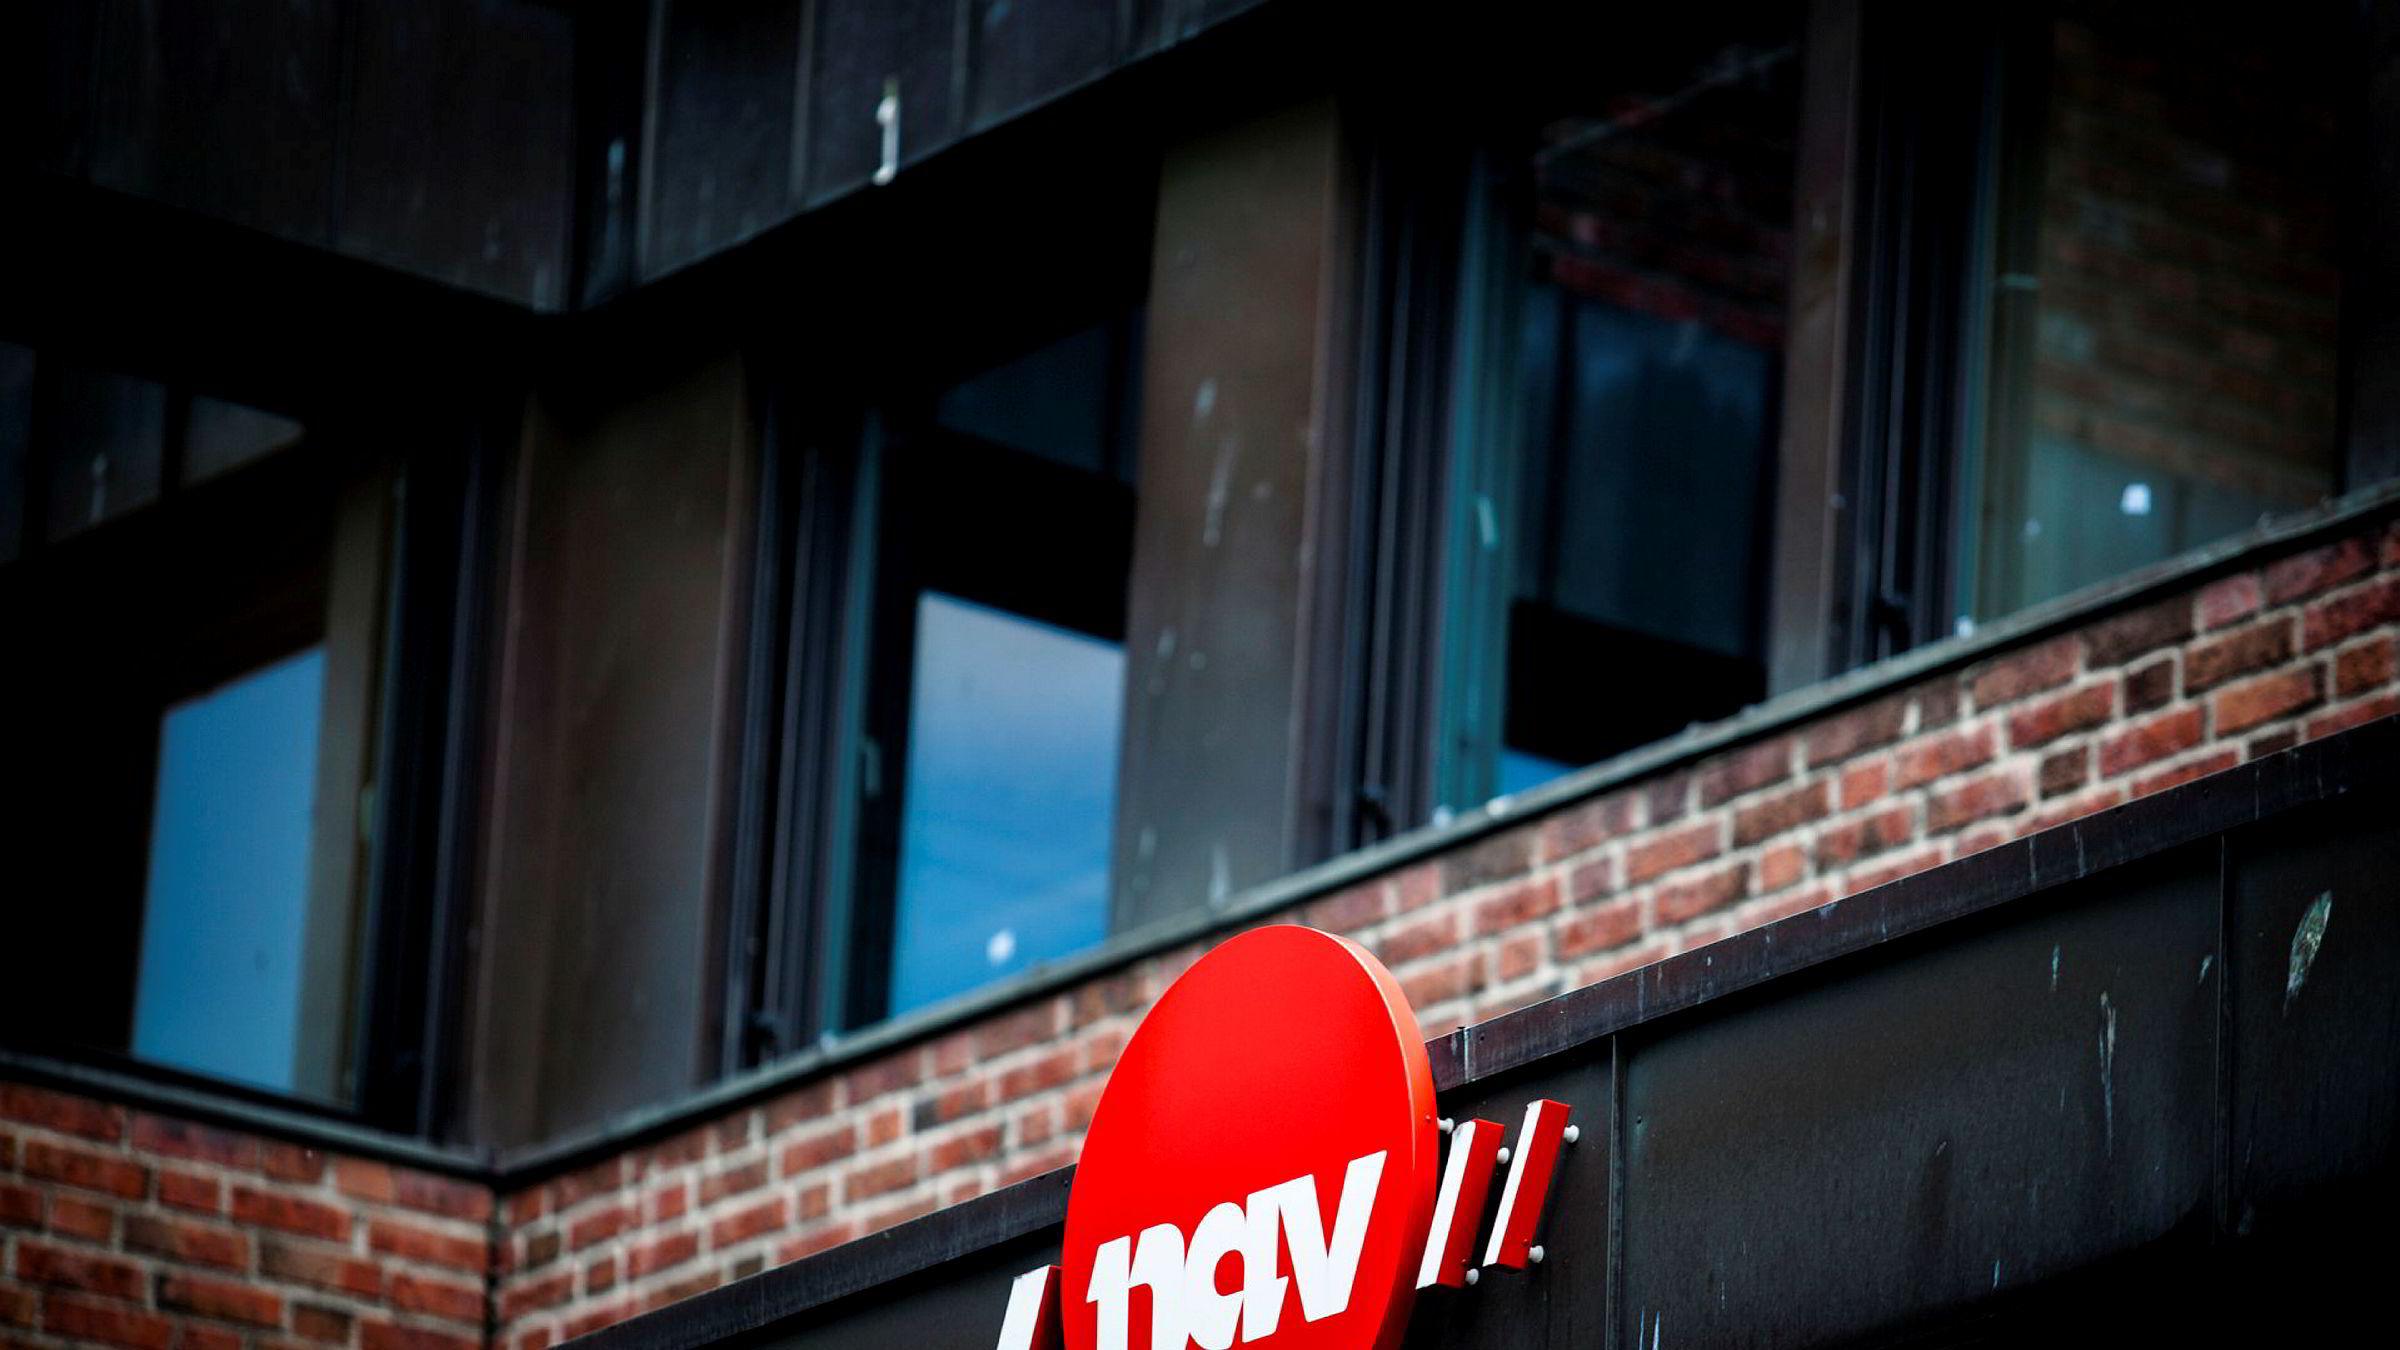 Antall feilaktige Nav-anmeldelser økte kraftig etter 2012.